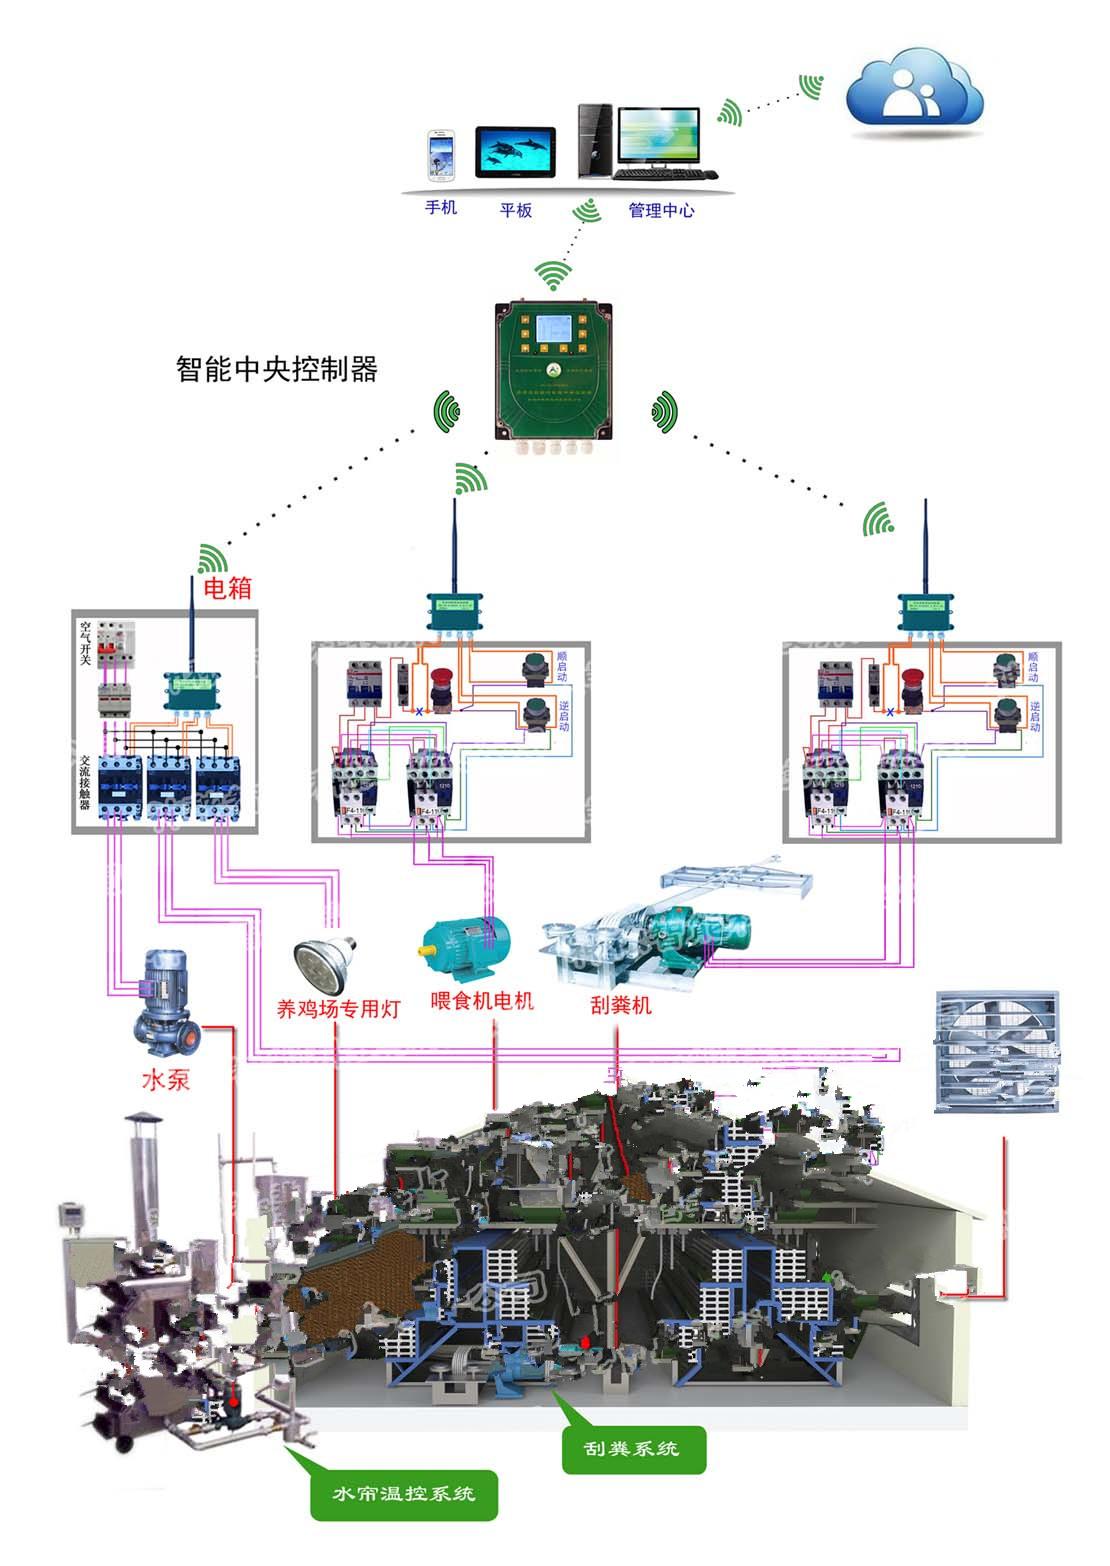 物联网技术与江苏智能农业产业发展